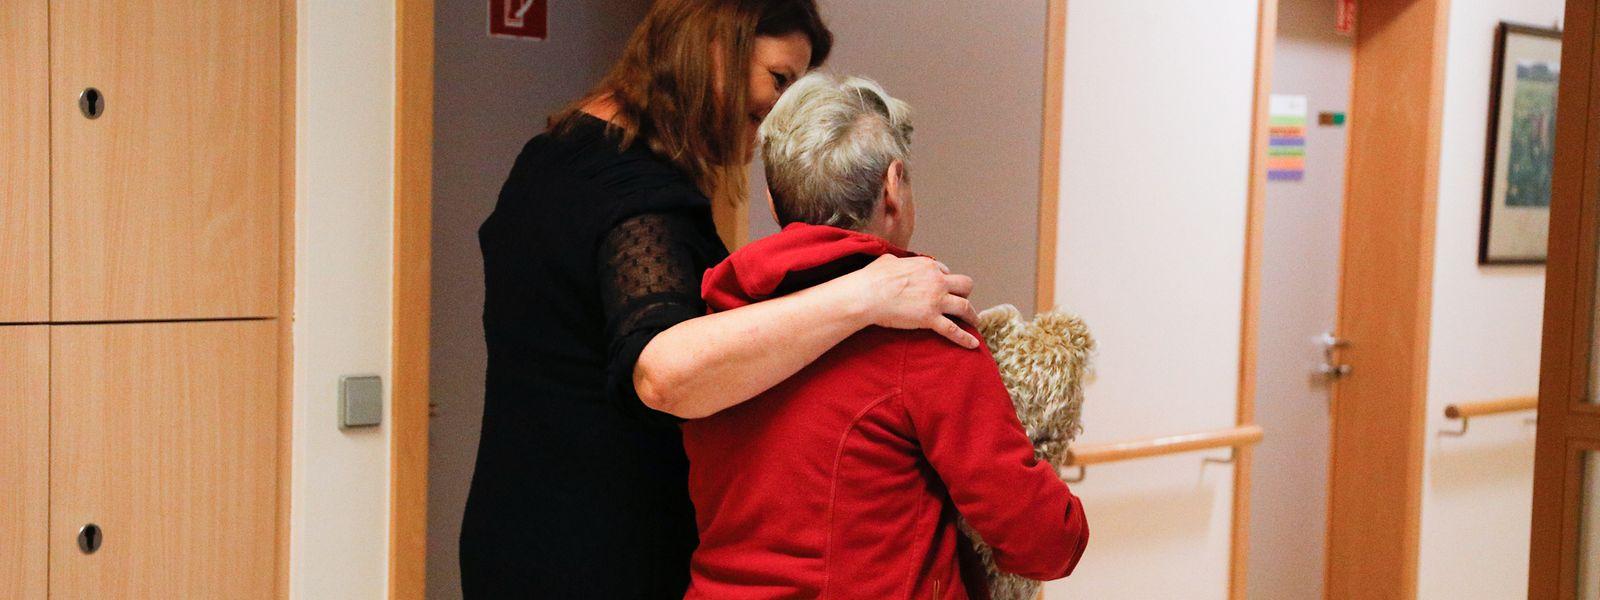 Das Corona-Virus kann für ältere Menschen sehr gefährlich werden. Im Pflegesektor gelten deshalb noch strengere Maßnahmen.